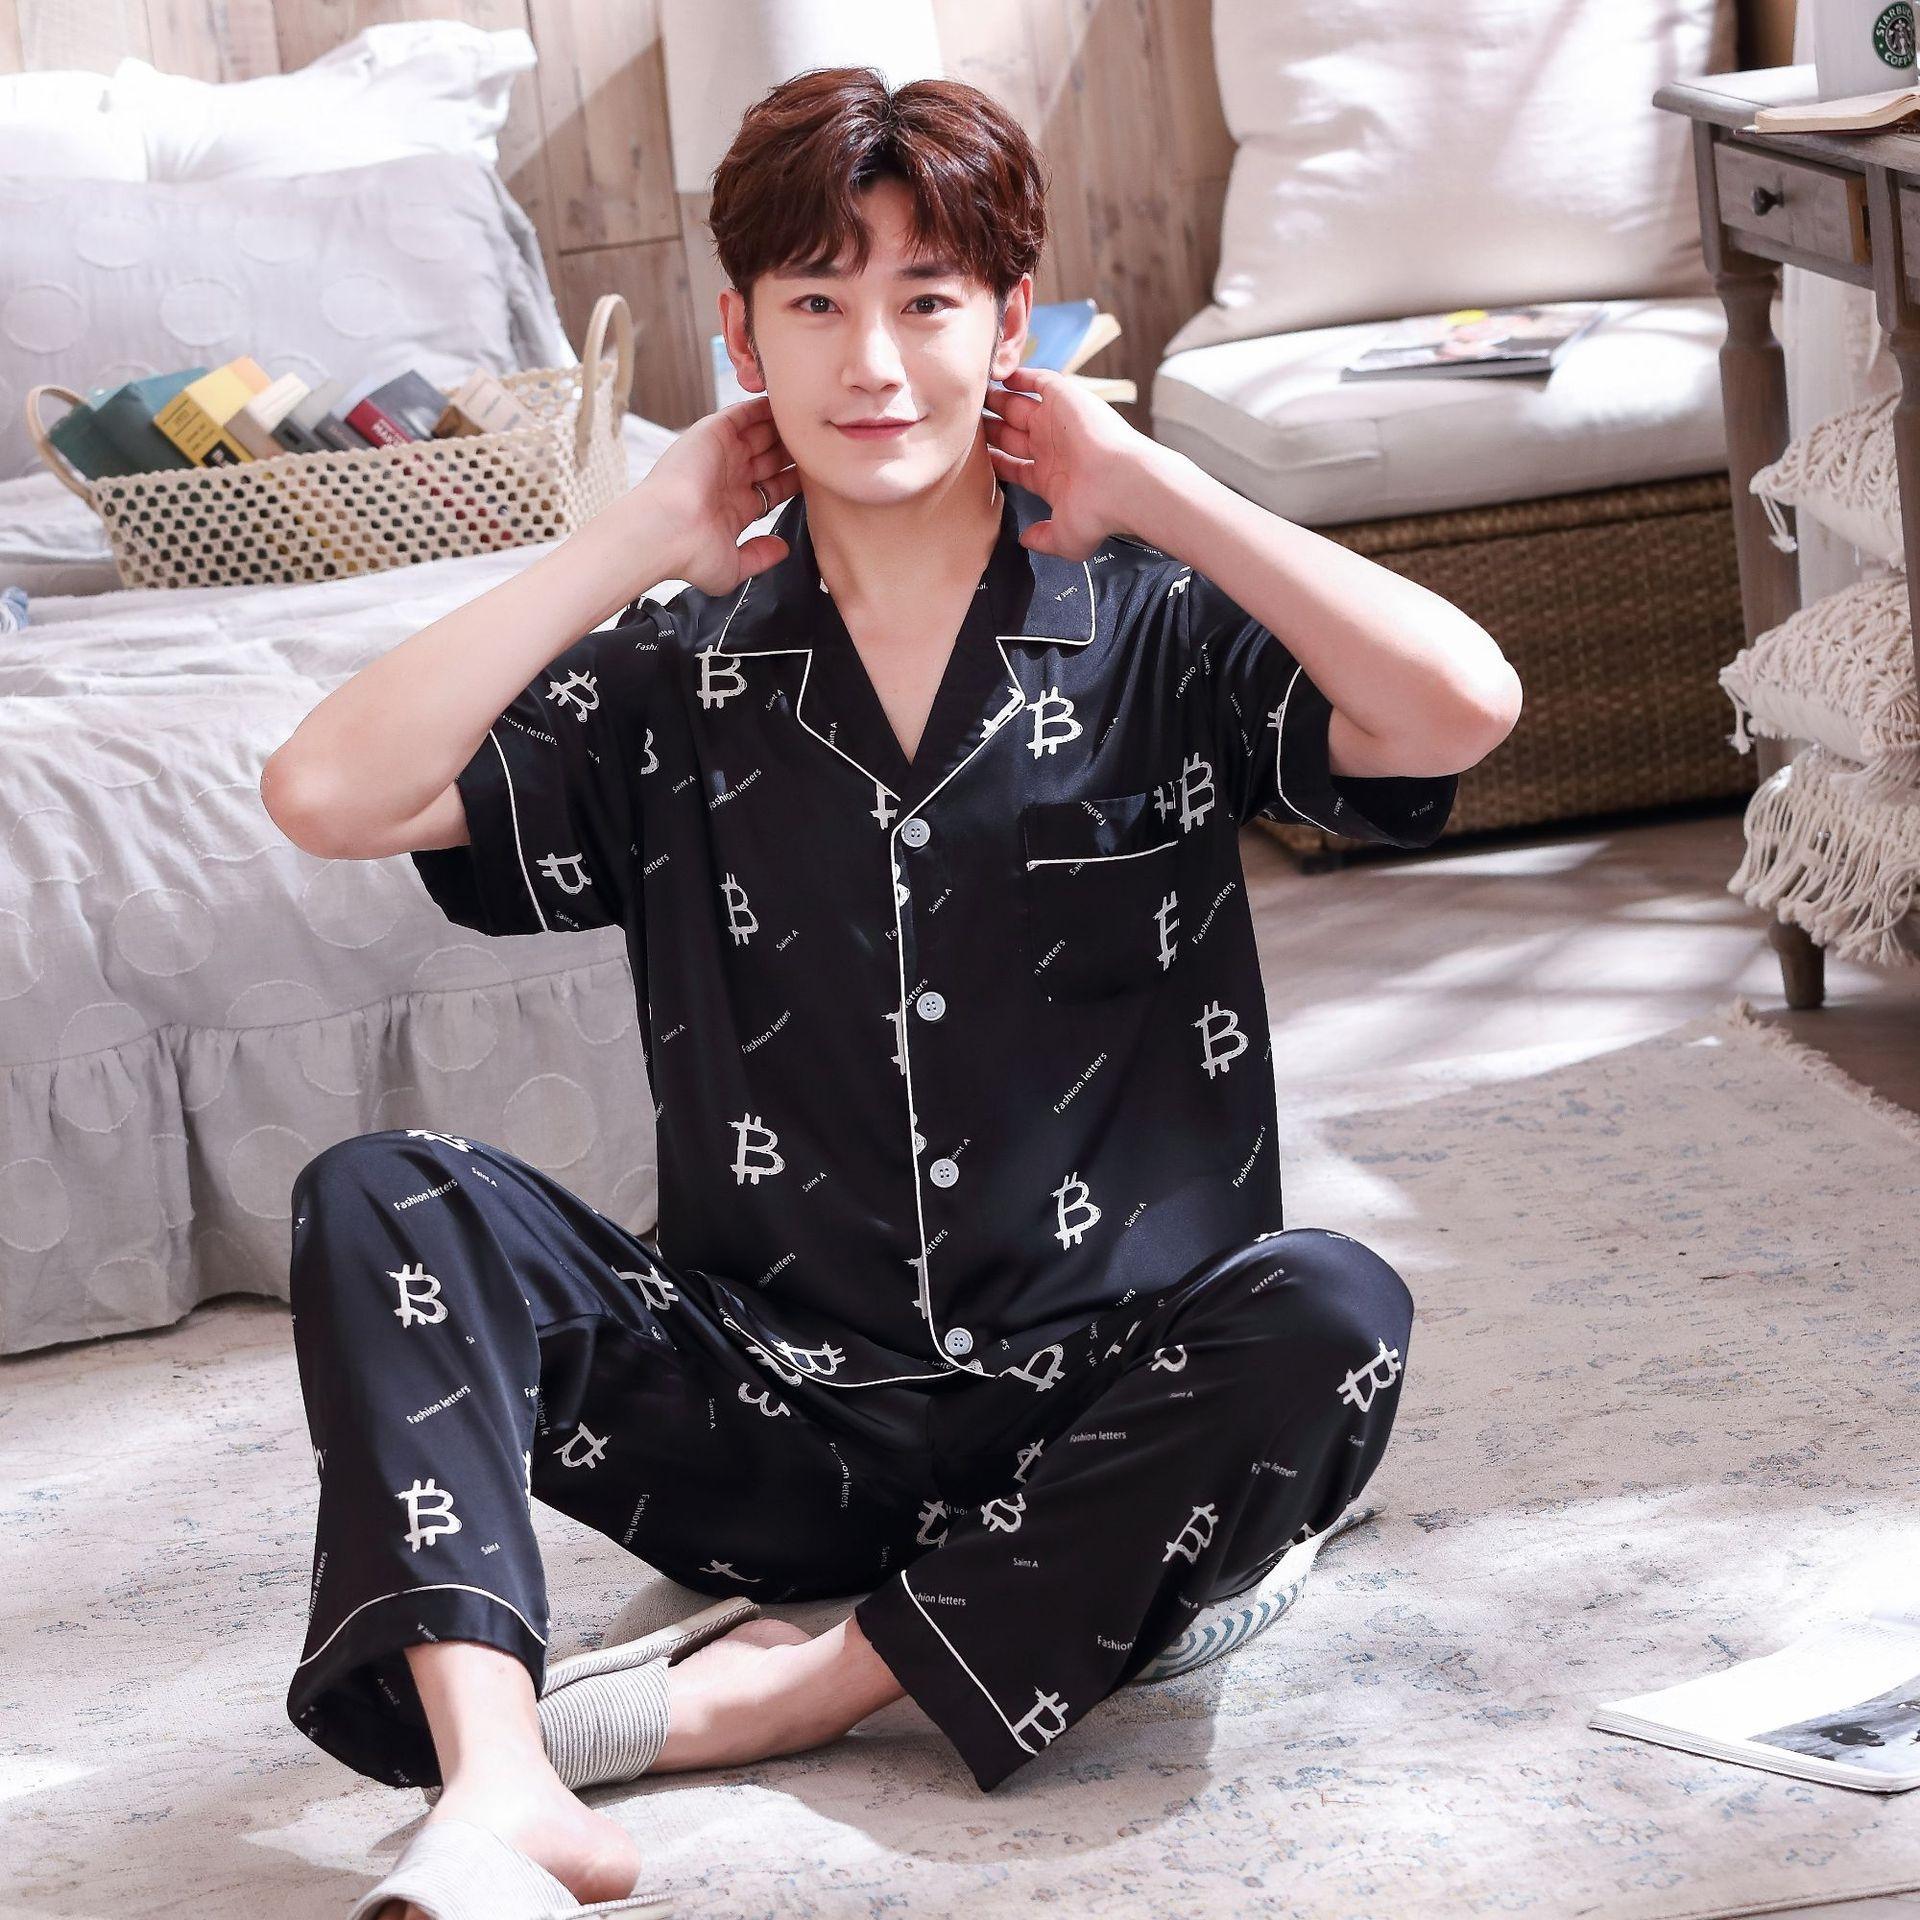 FVmyX 1Yha8 Пара летних моделирования пижама с короткими рукавами брюки женской крупных мужской размером одежда имитируемых Шелкового Главной Ice Шелкового костюм Home S